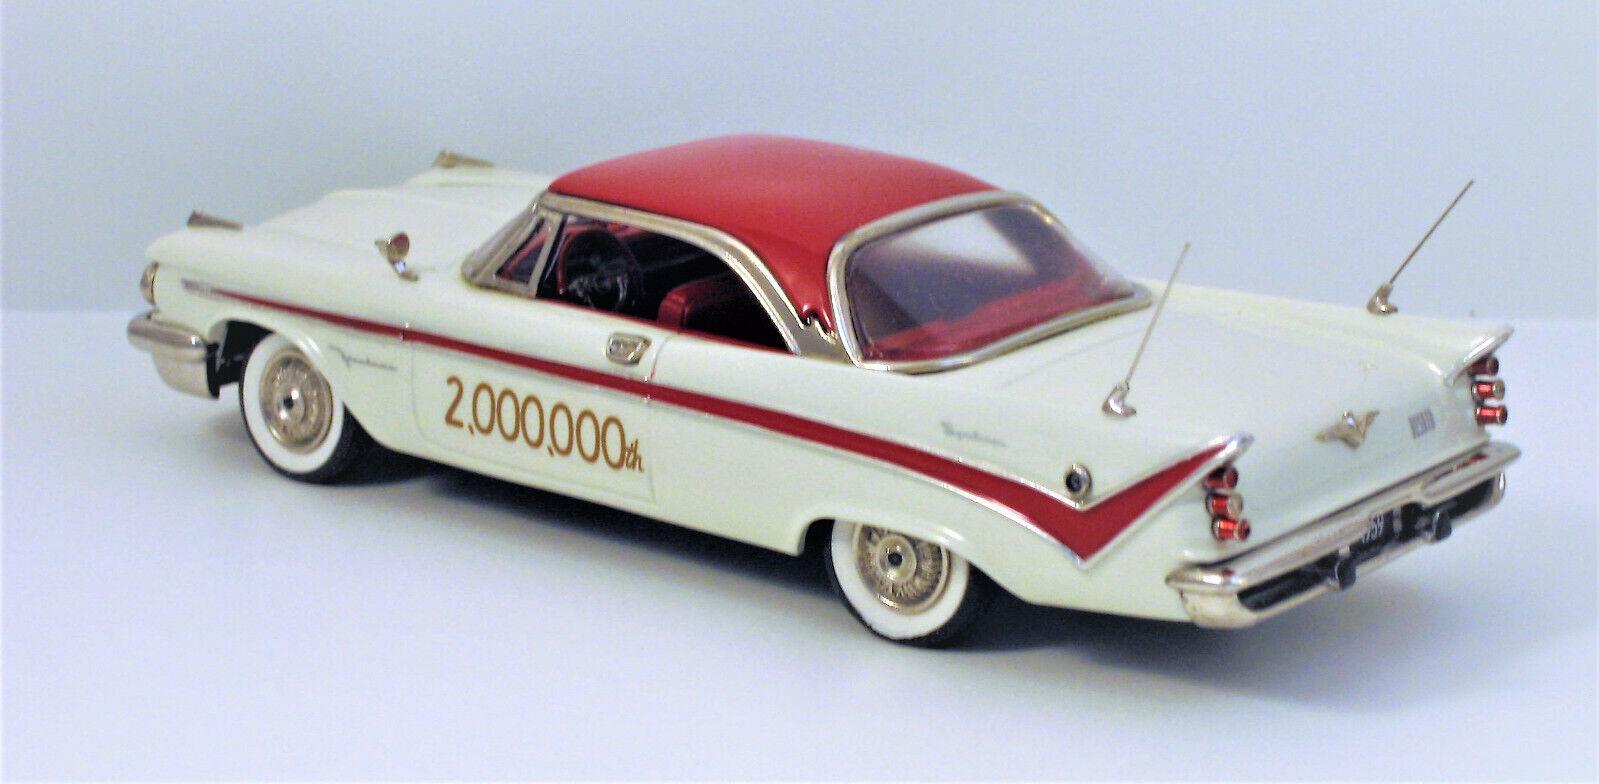 WMC 1959 DE SOTO FIrödOME HT -2,000,000th DE SOTO